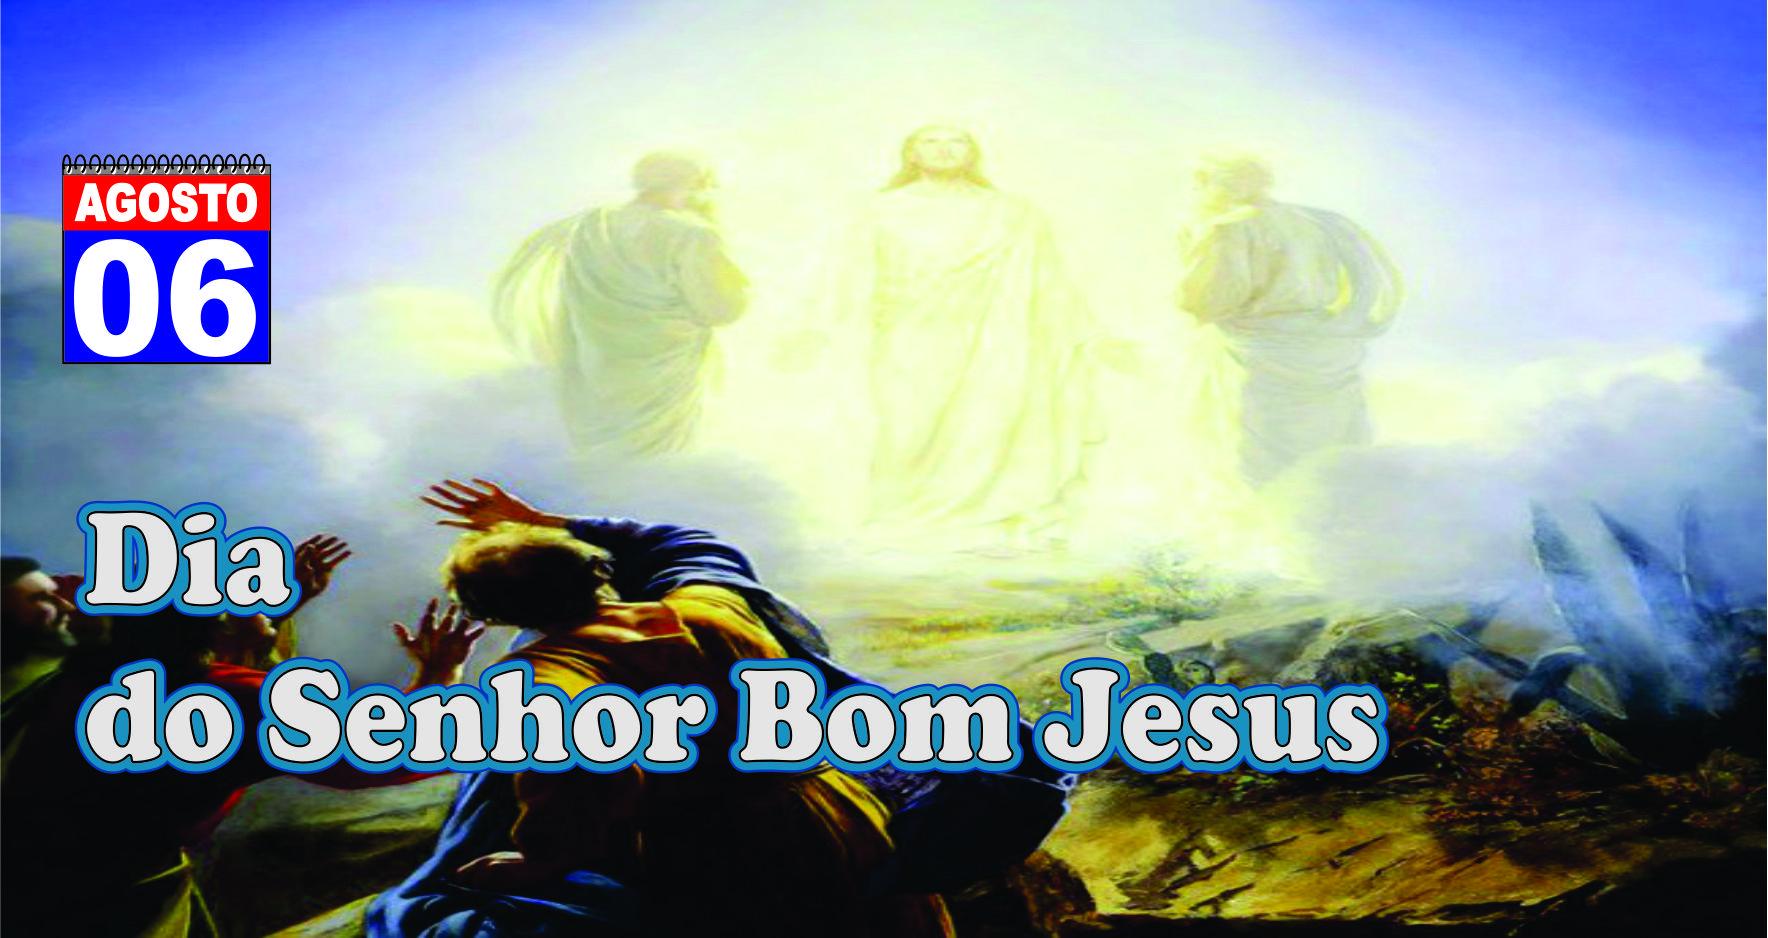 Dia do Senhor Bom Jesus